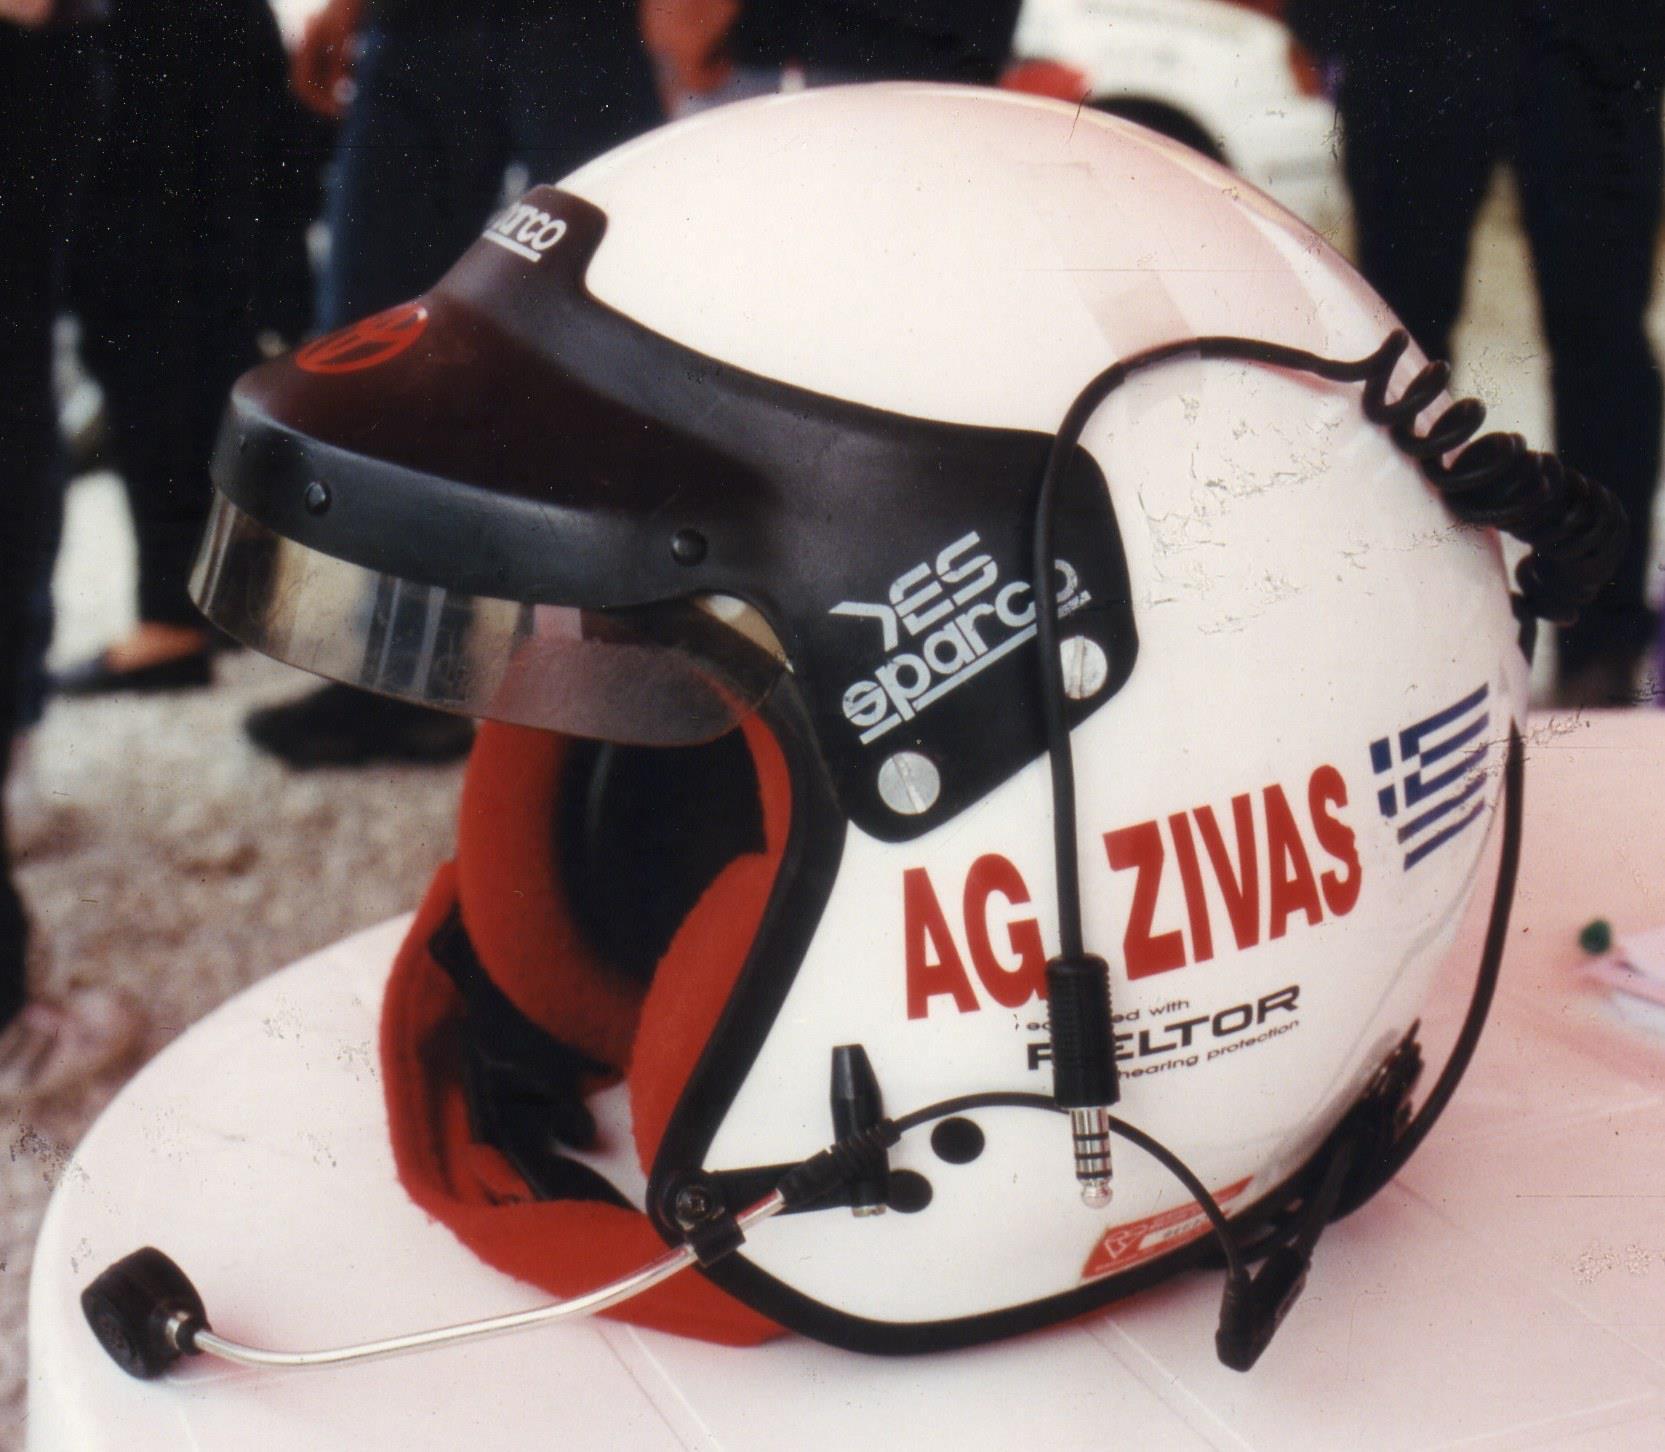 Zivas Helmet